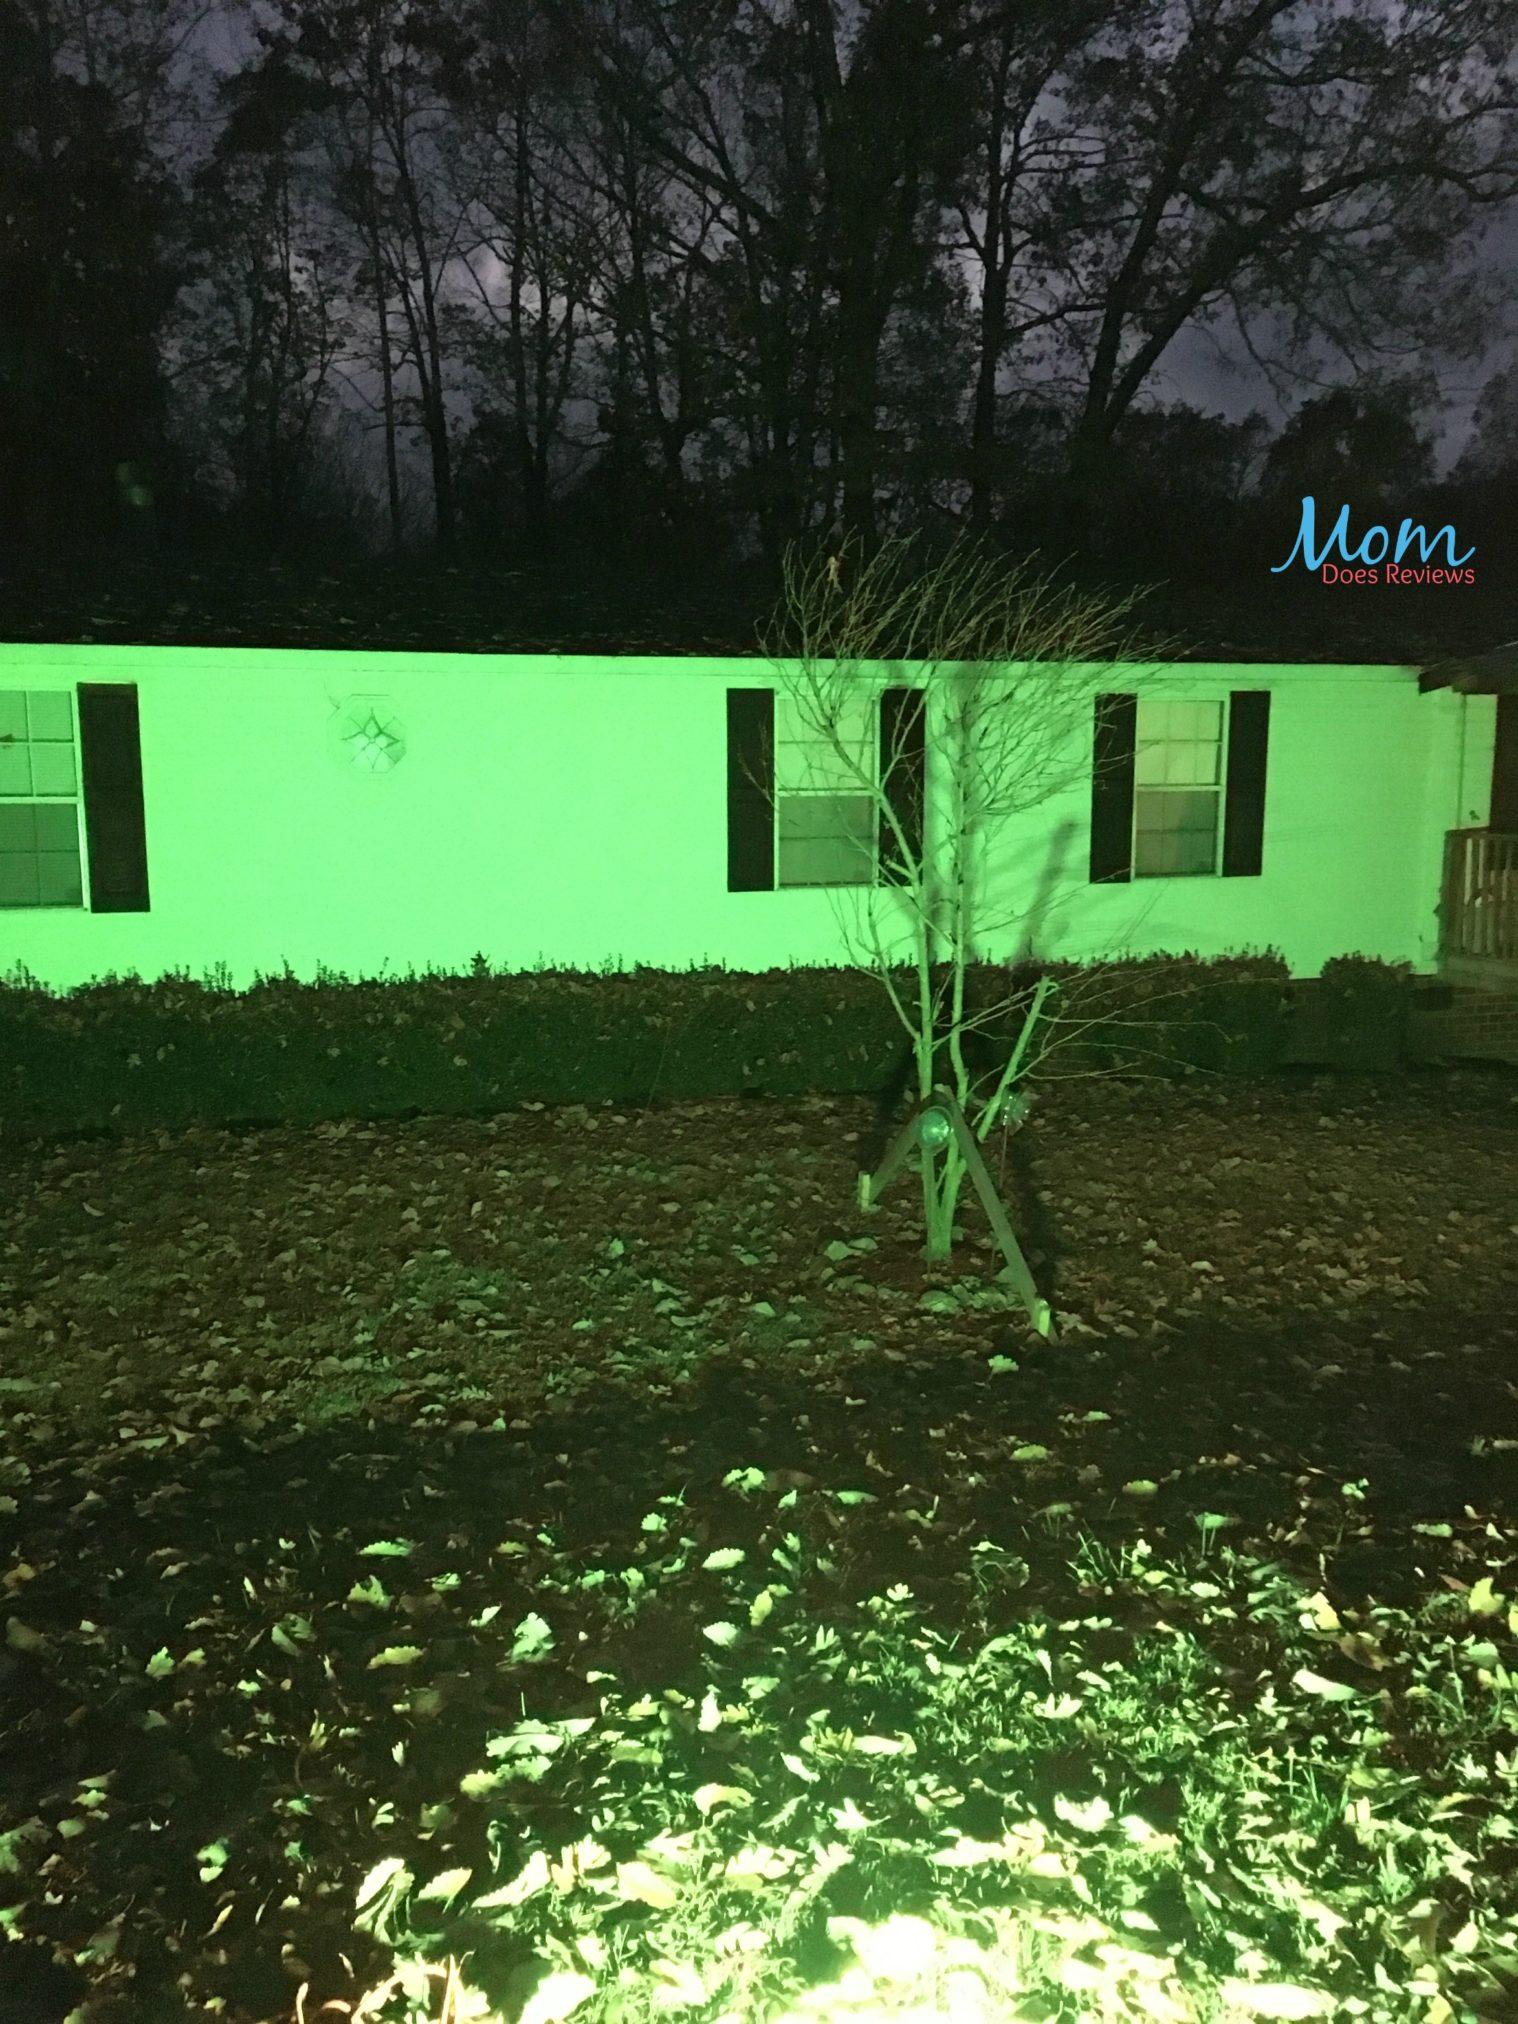 flood lights on house